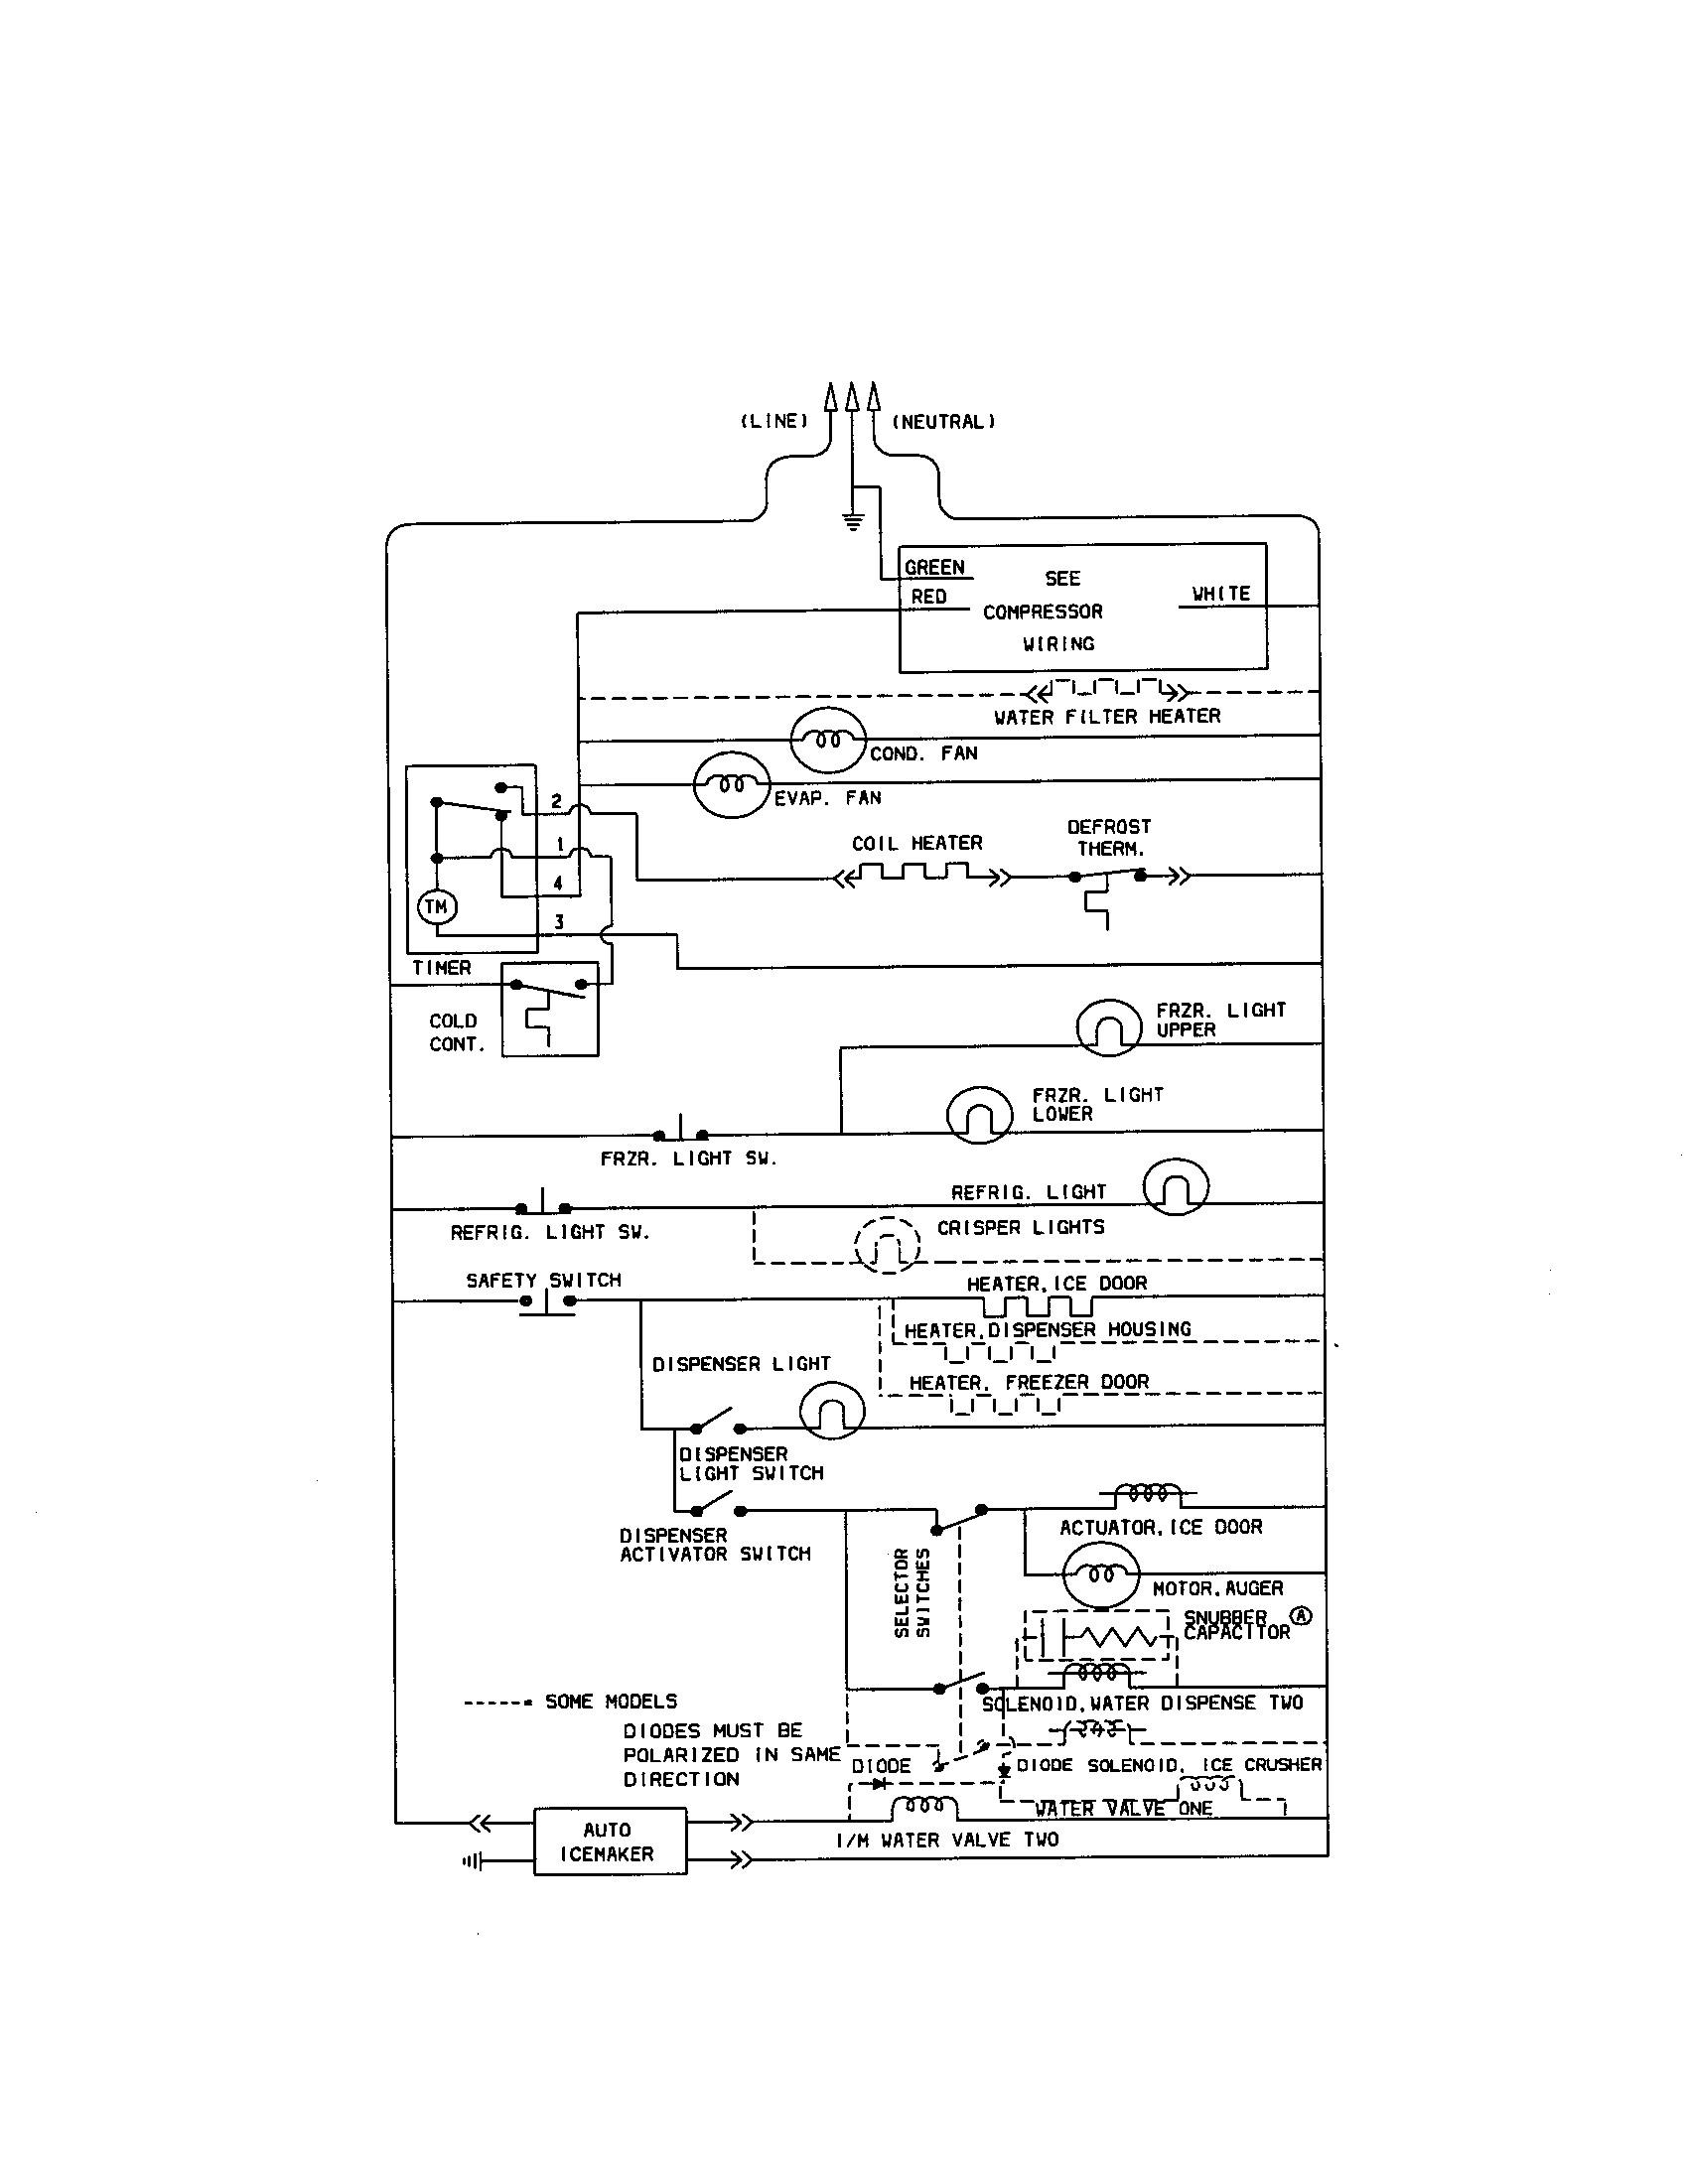 Kenmore dishwasher wiring diagram kenmore elite refrigerator wiring diagram of kenmore dishwasher wiring diagram unique international